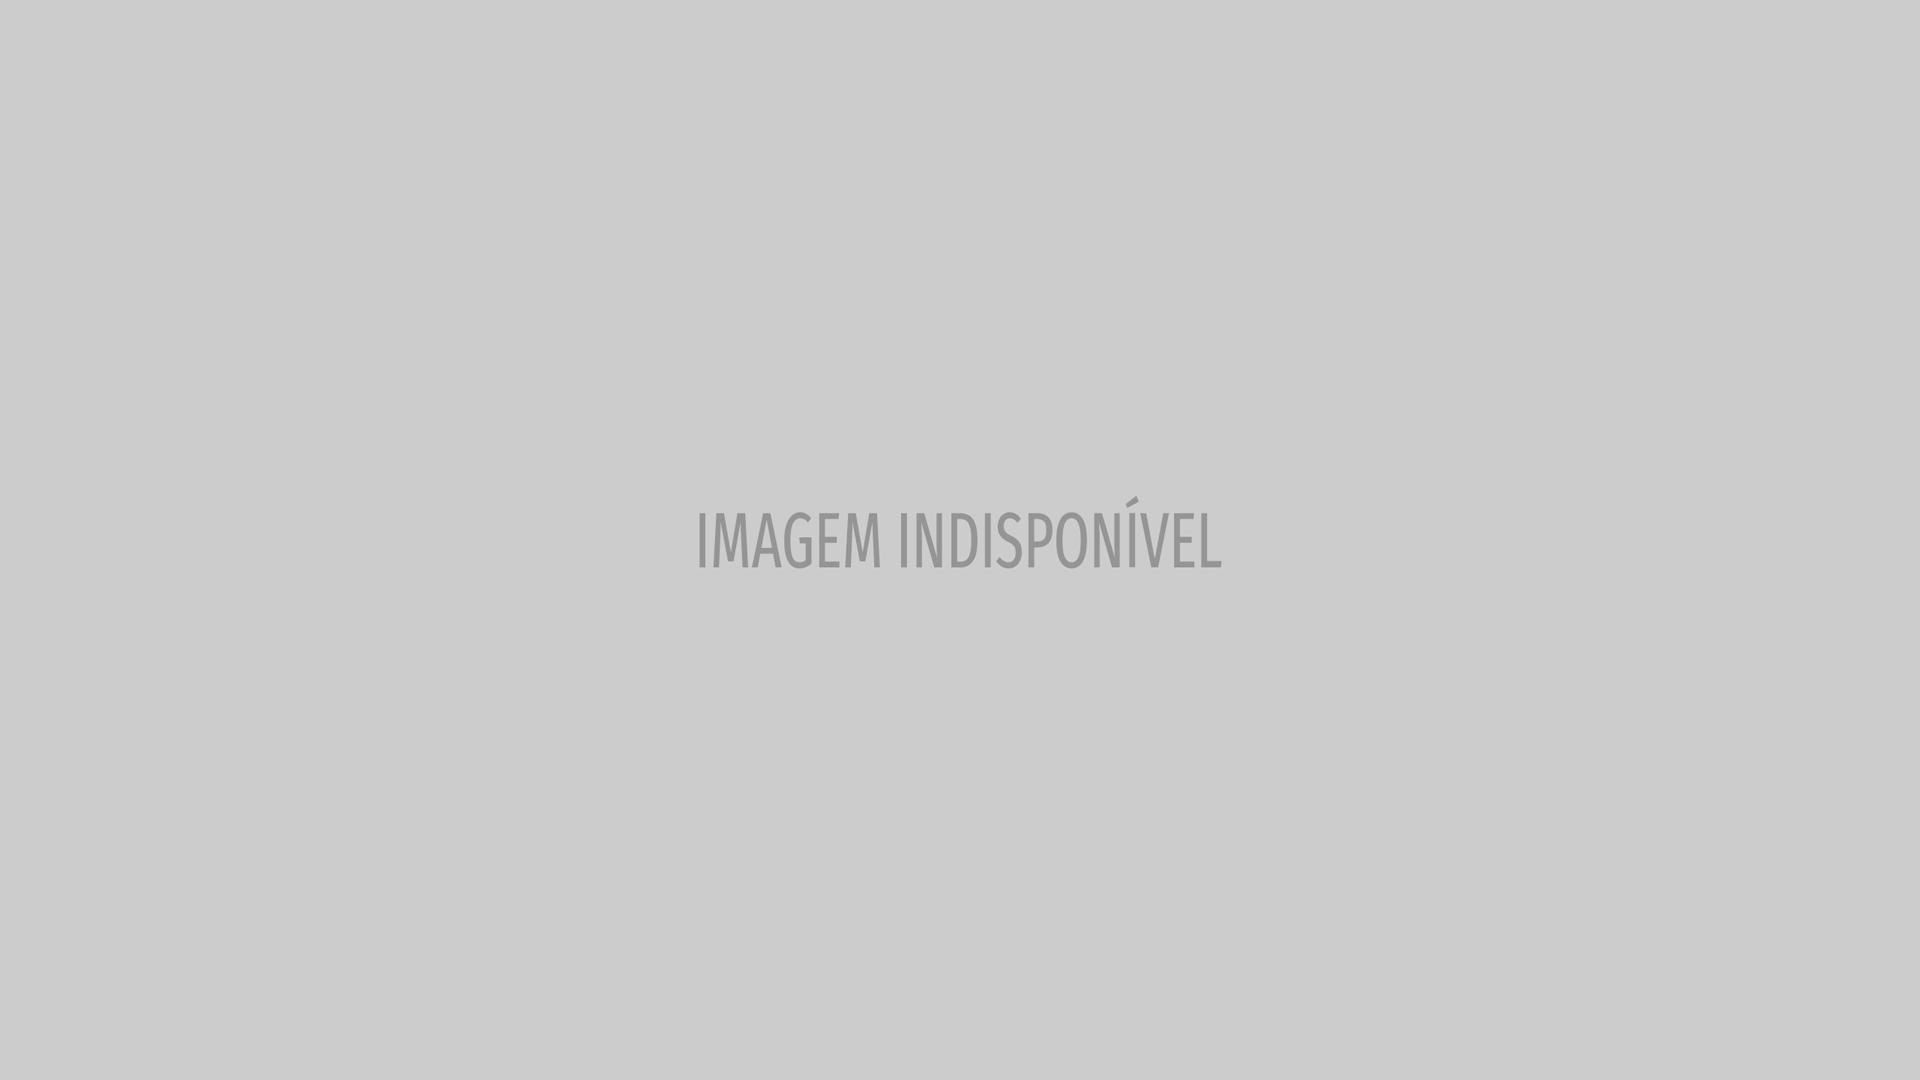 Dona cria página online para devolver coisas roubadas... pelo gato